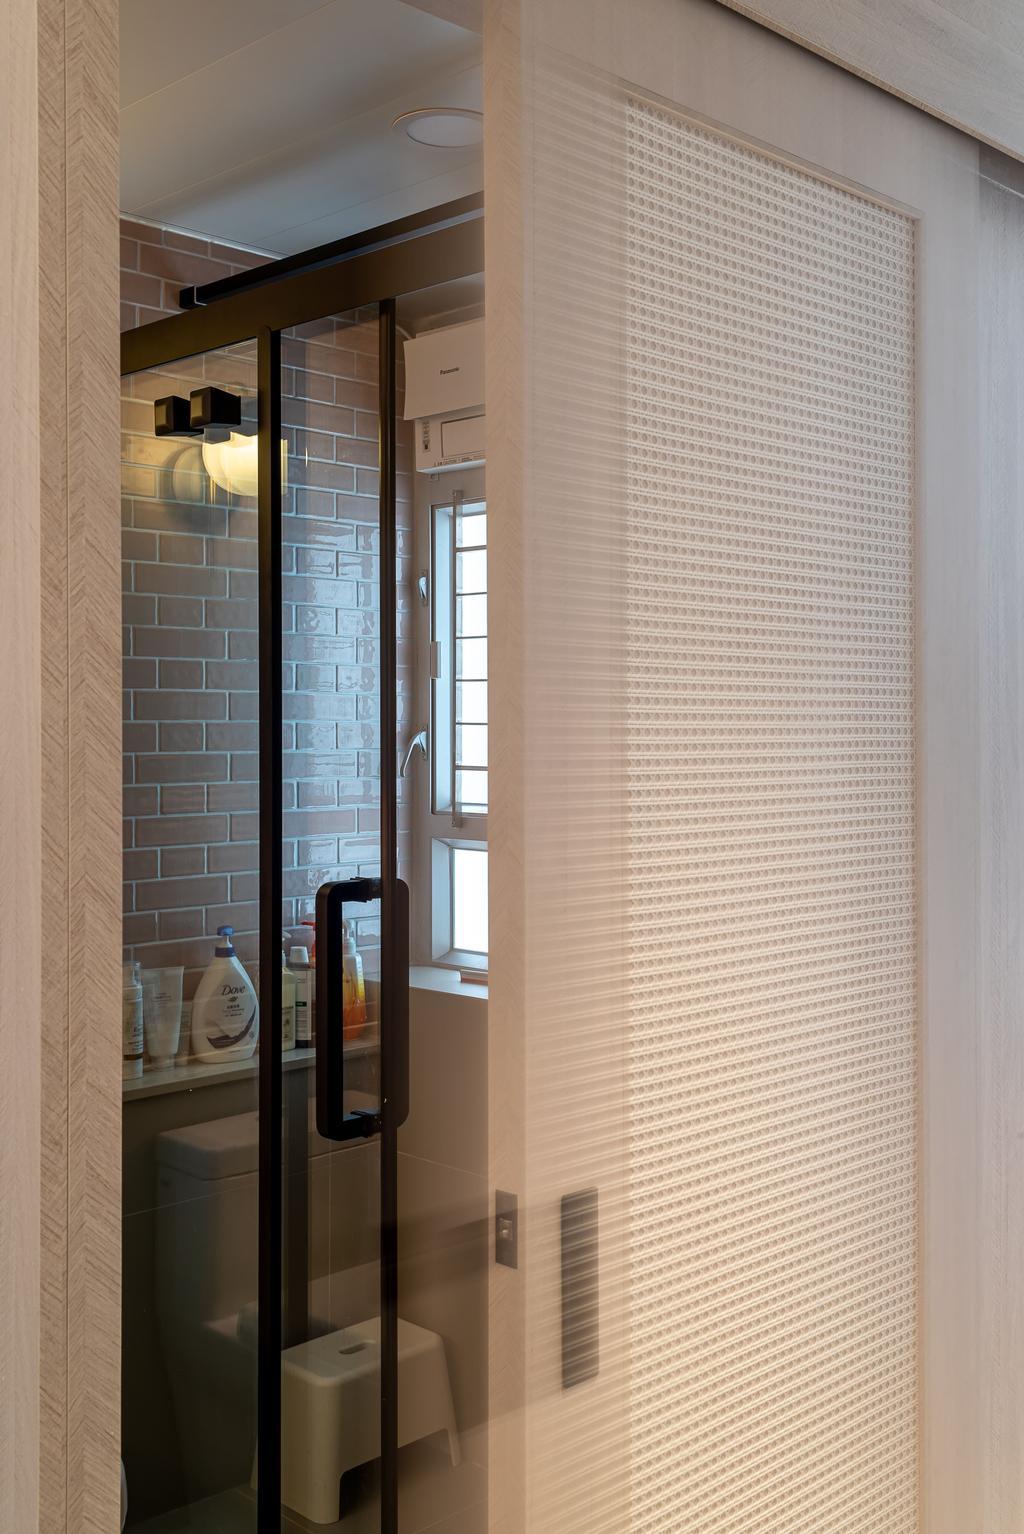 摩登, 公屋/居屋, 浴室, 錦暉苑, 室內設計師, Deco Farmer Studio